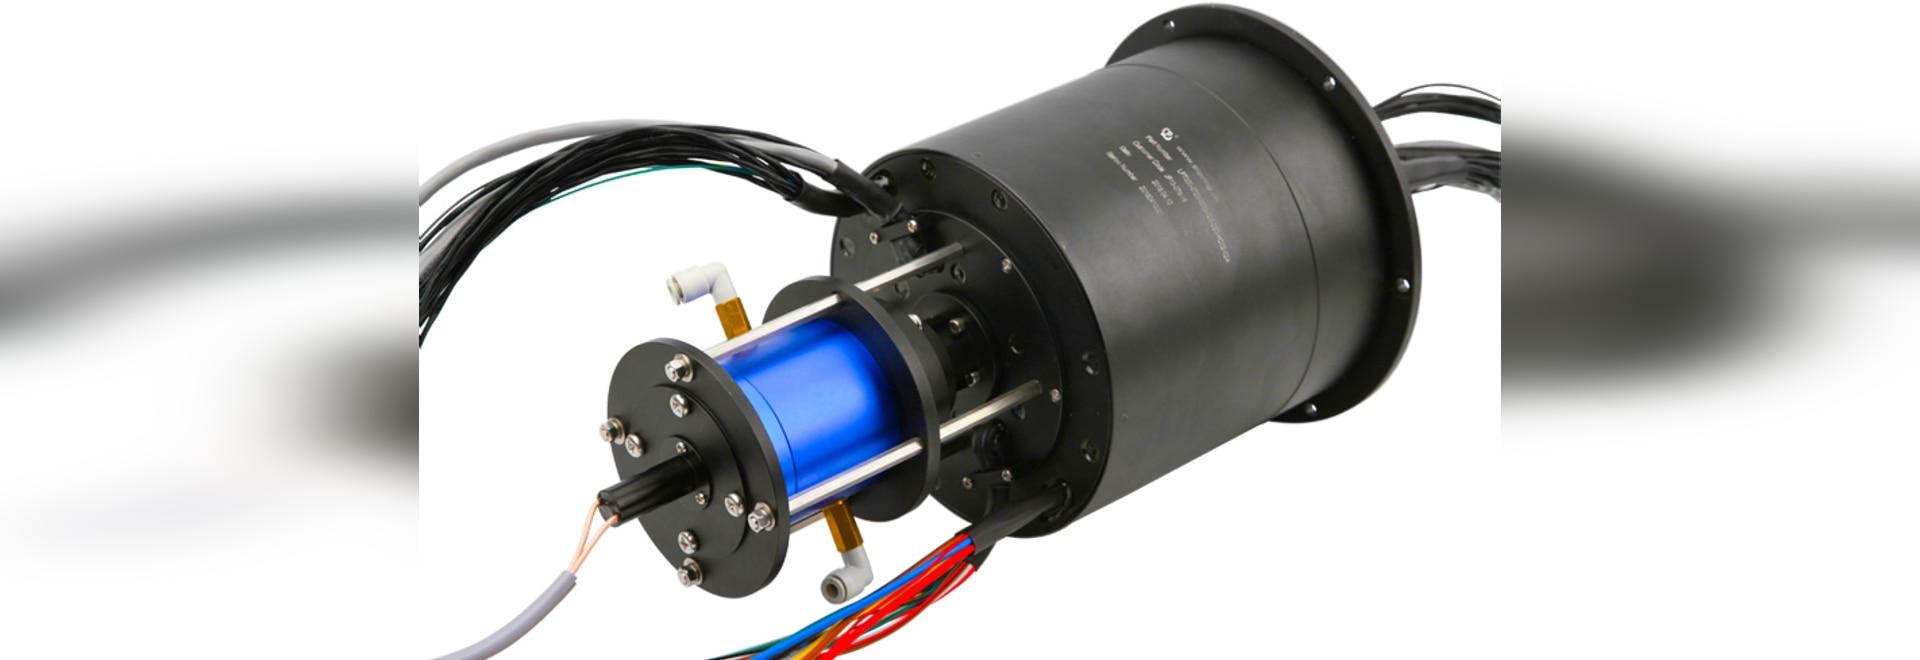 Junta rotatoria integrada hidráulica y eléctrica neumática